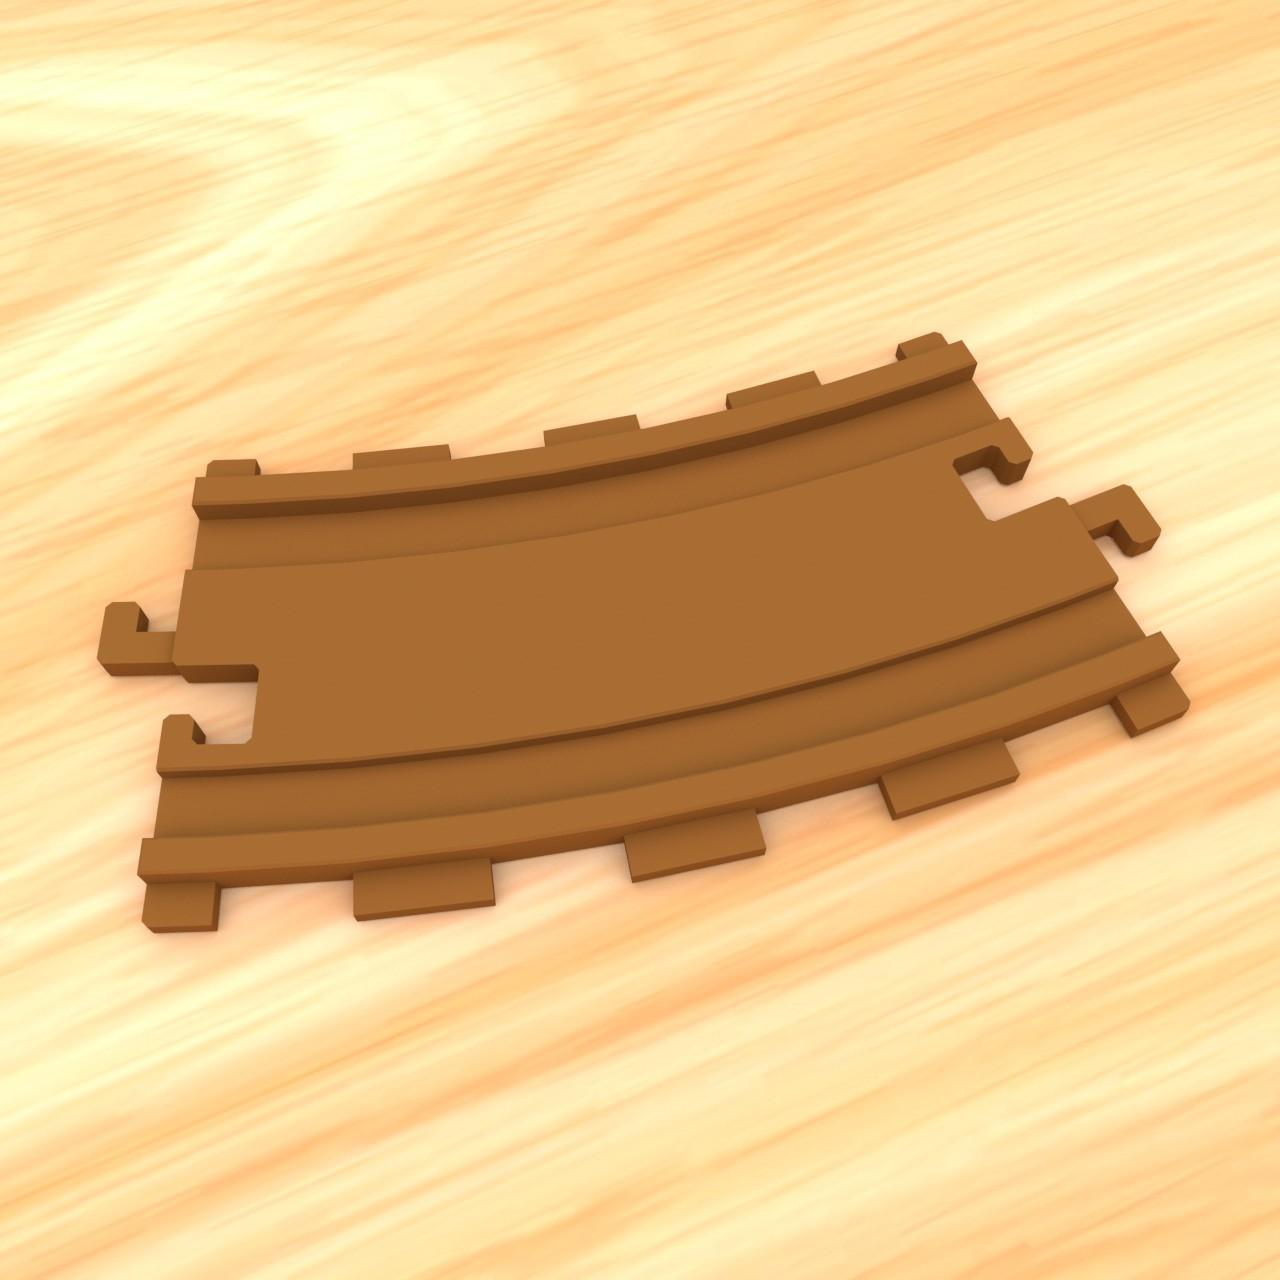 smalltoys-traintracks-straight-curved03.jpg Download STL file SmallToys - Starter Pack • 3D printer model, Wabby